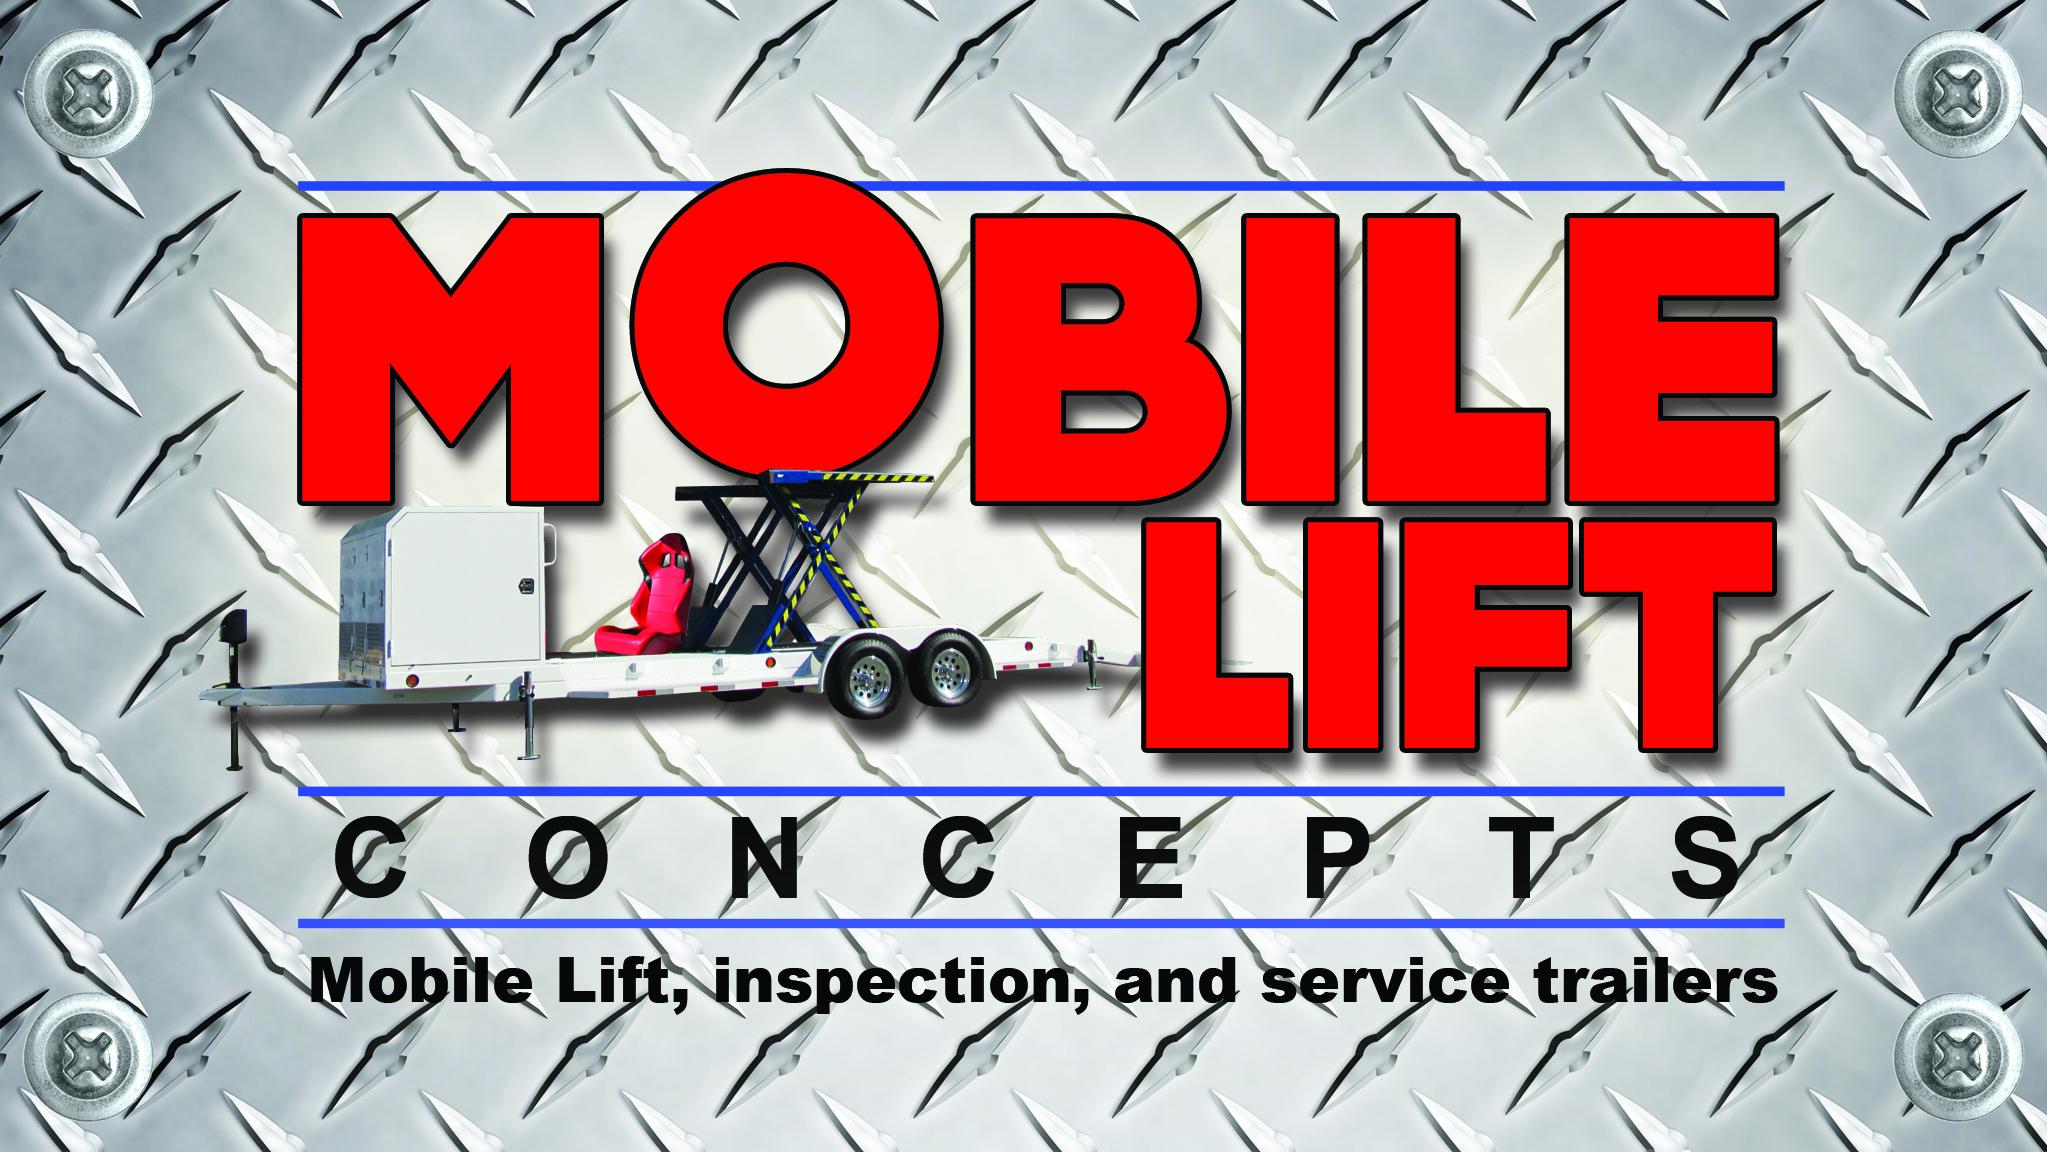 Mobile Lift Concepts